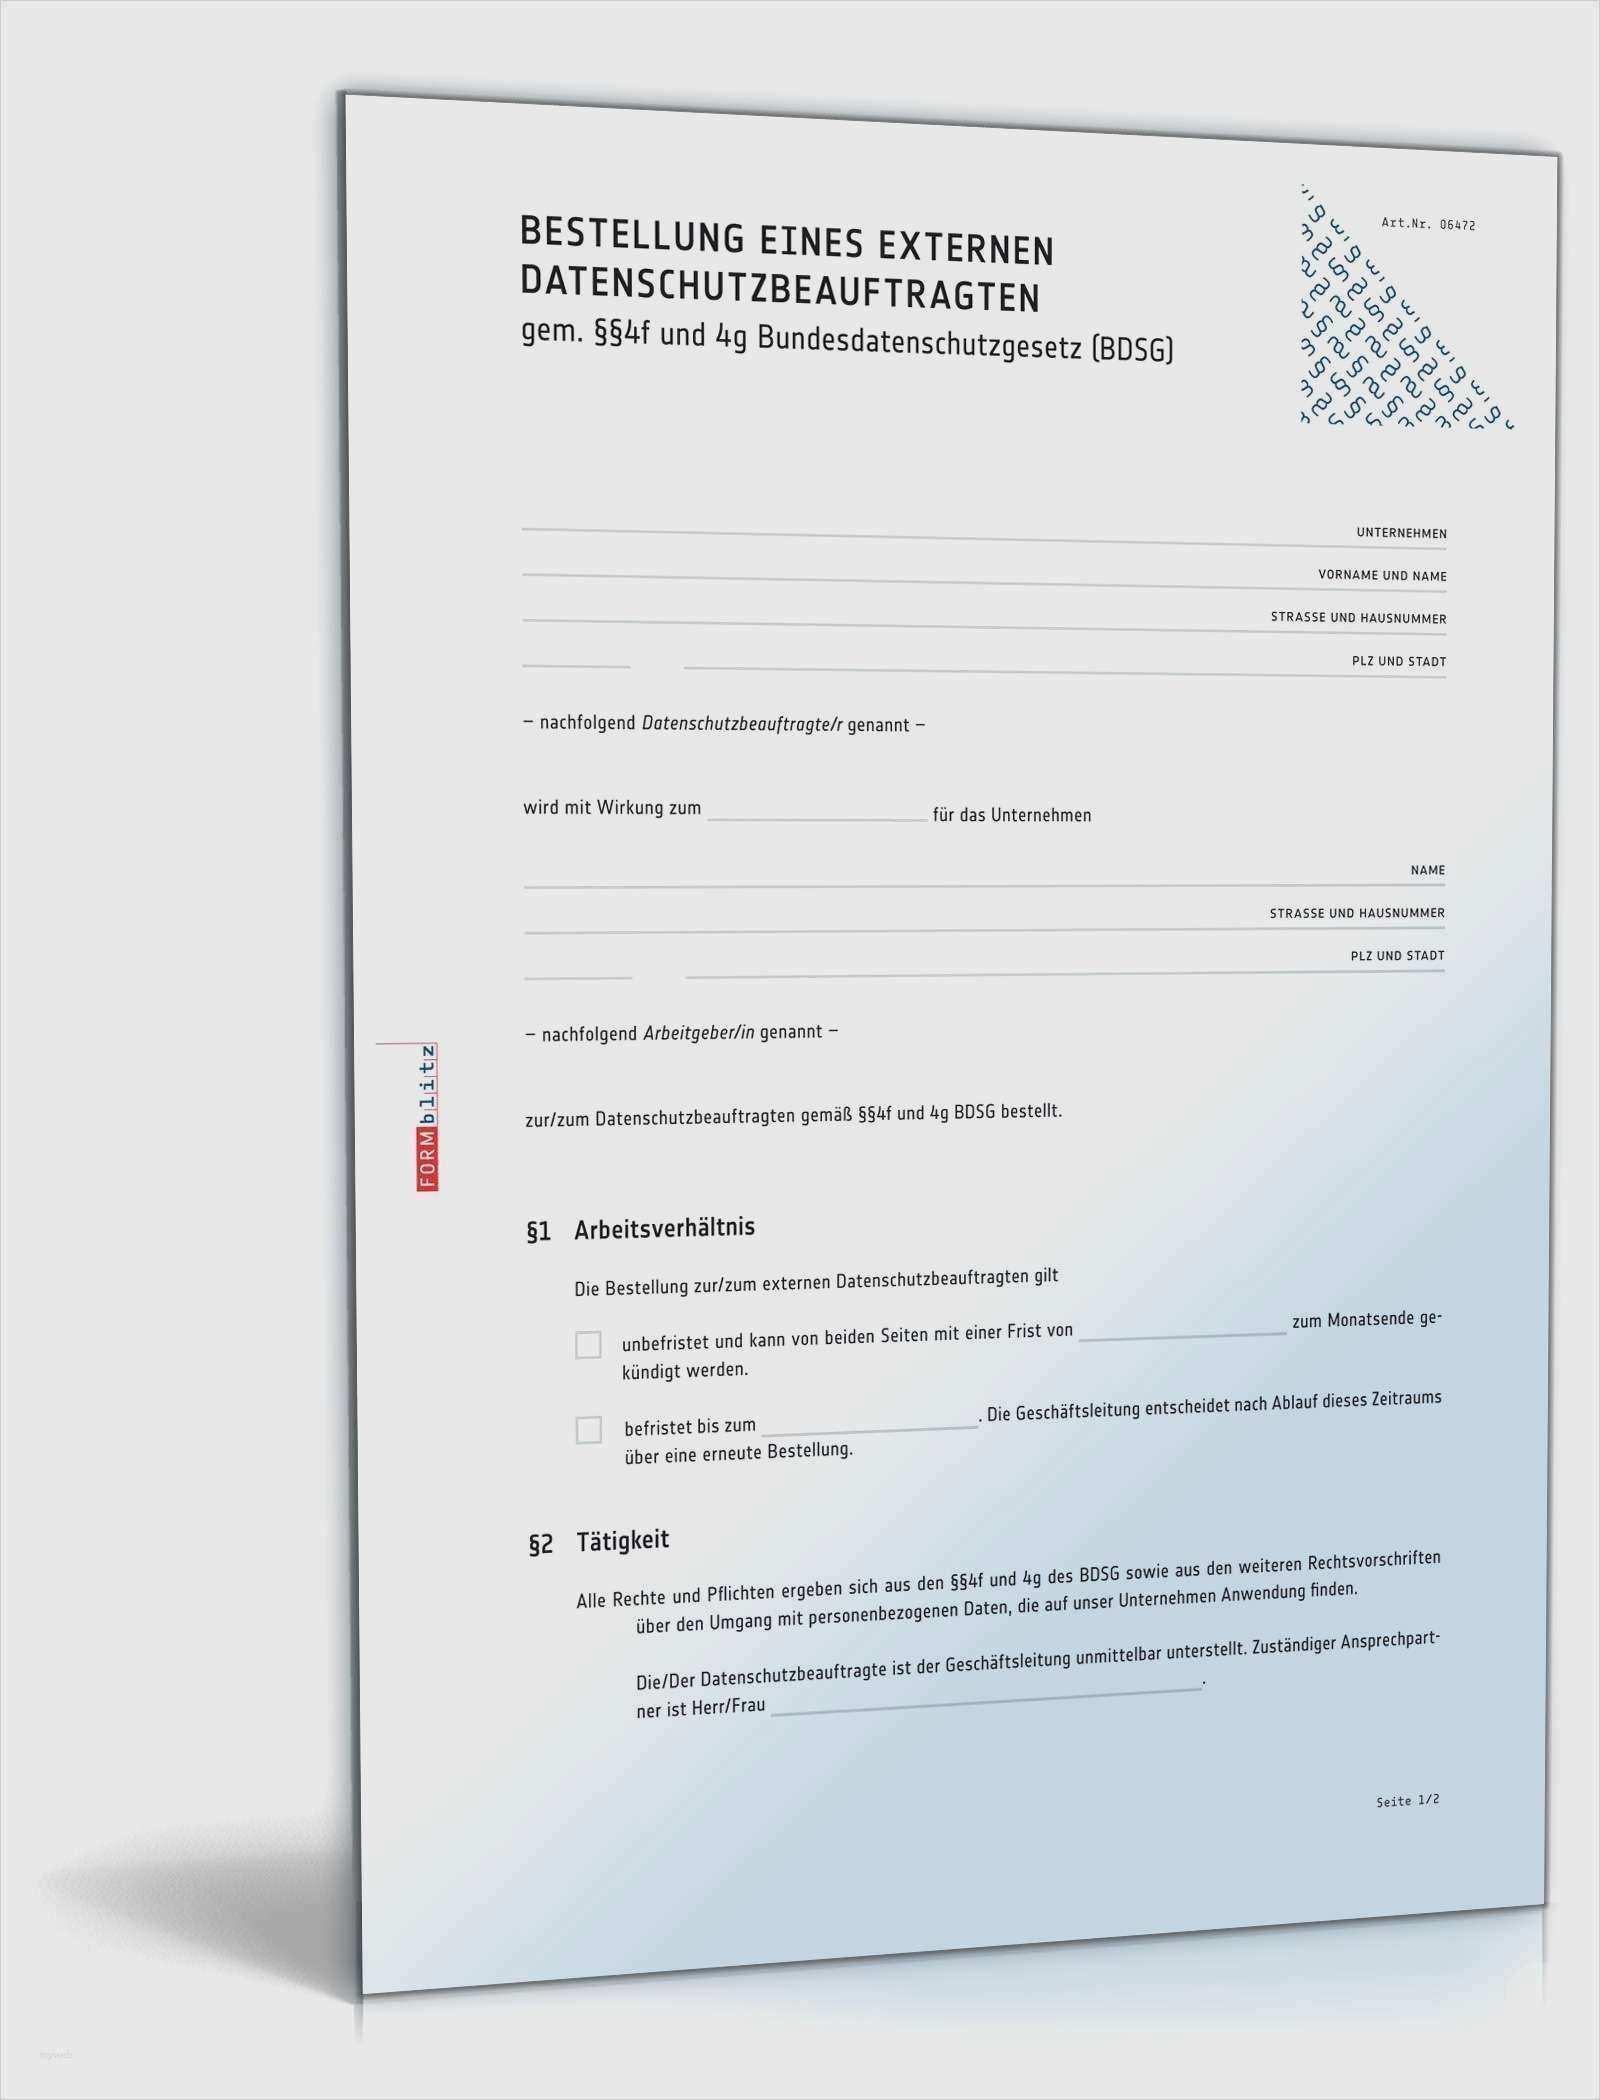 37 Gut Bestellung It Sicherheitsbeauftragter Vorlage Bilder Vorlagen Vorlagen Word Rechnungsvorlage